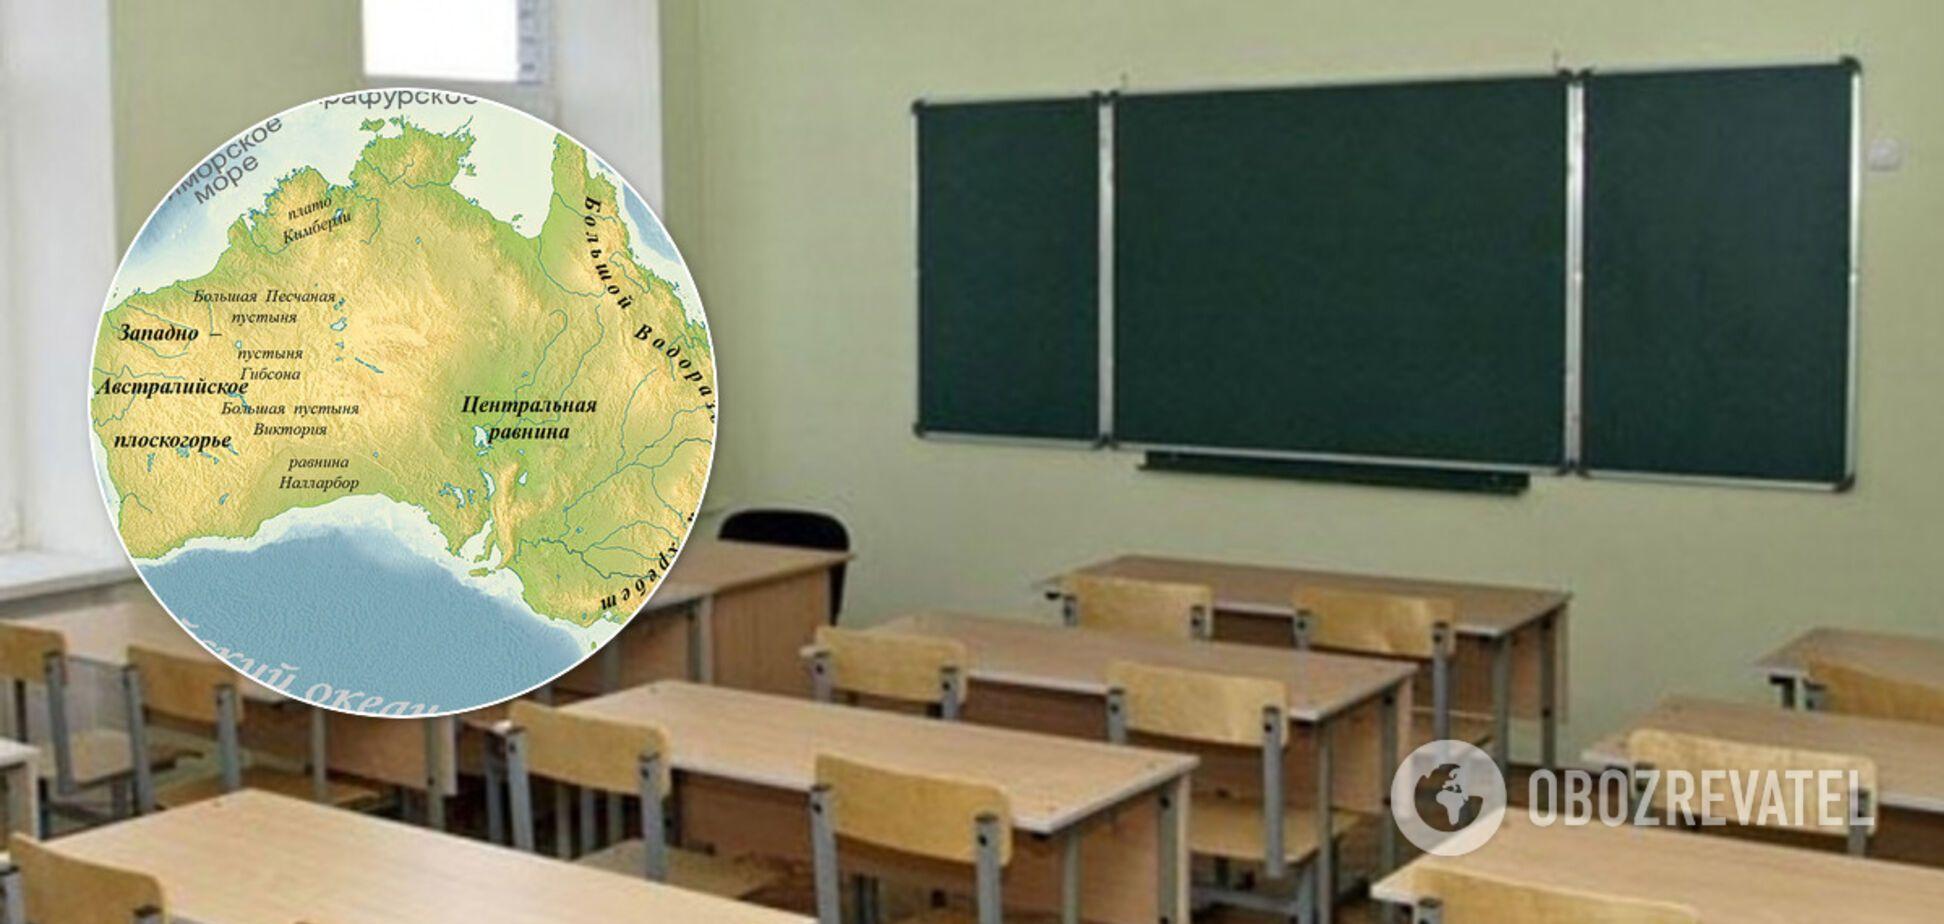 Учитель перепутала океаны в эфире 'Всеукраинской школы онлайн'. Курьезное видео